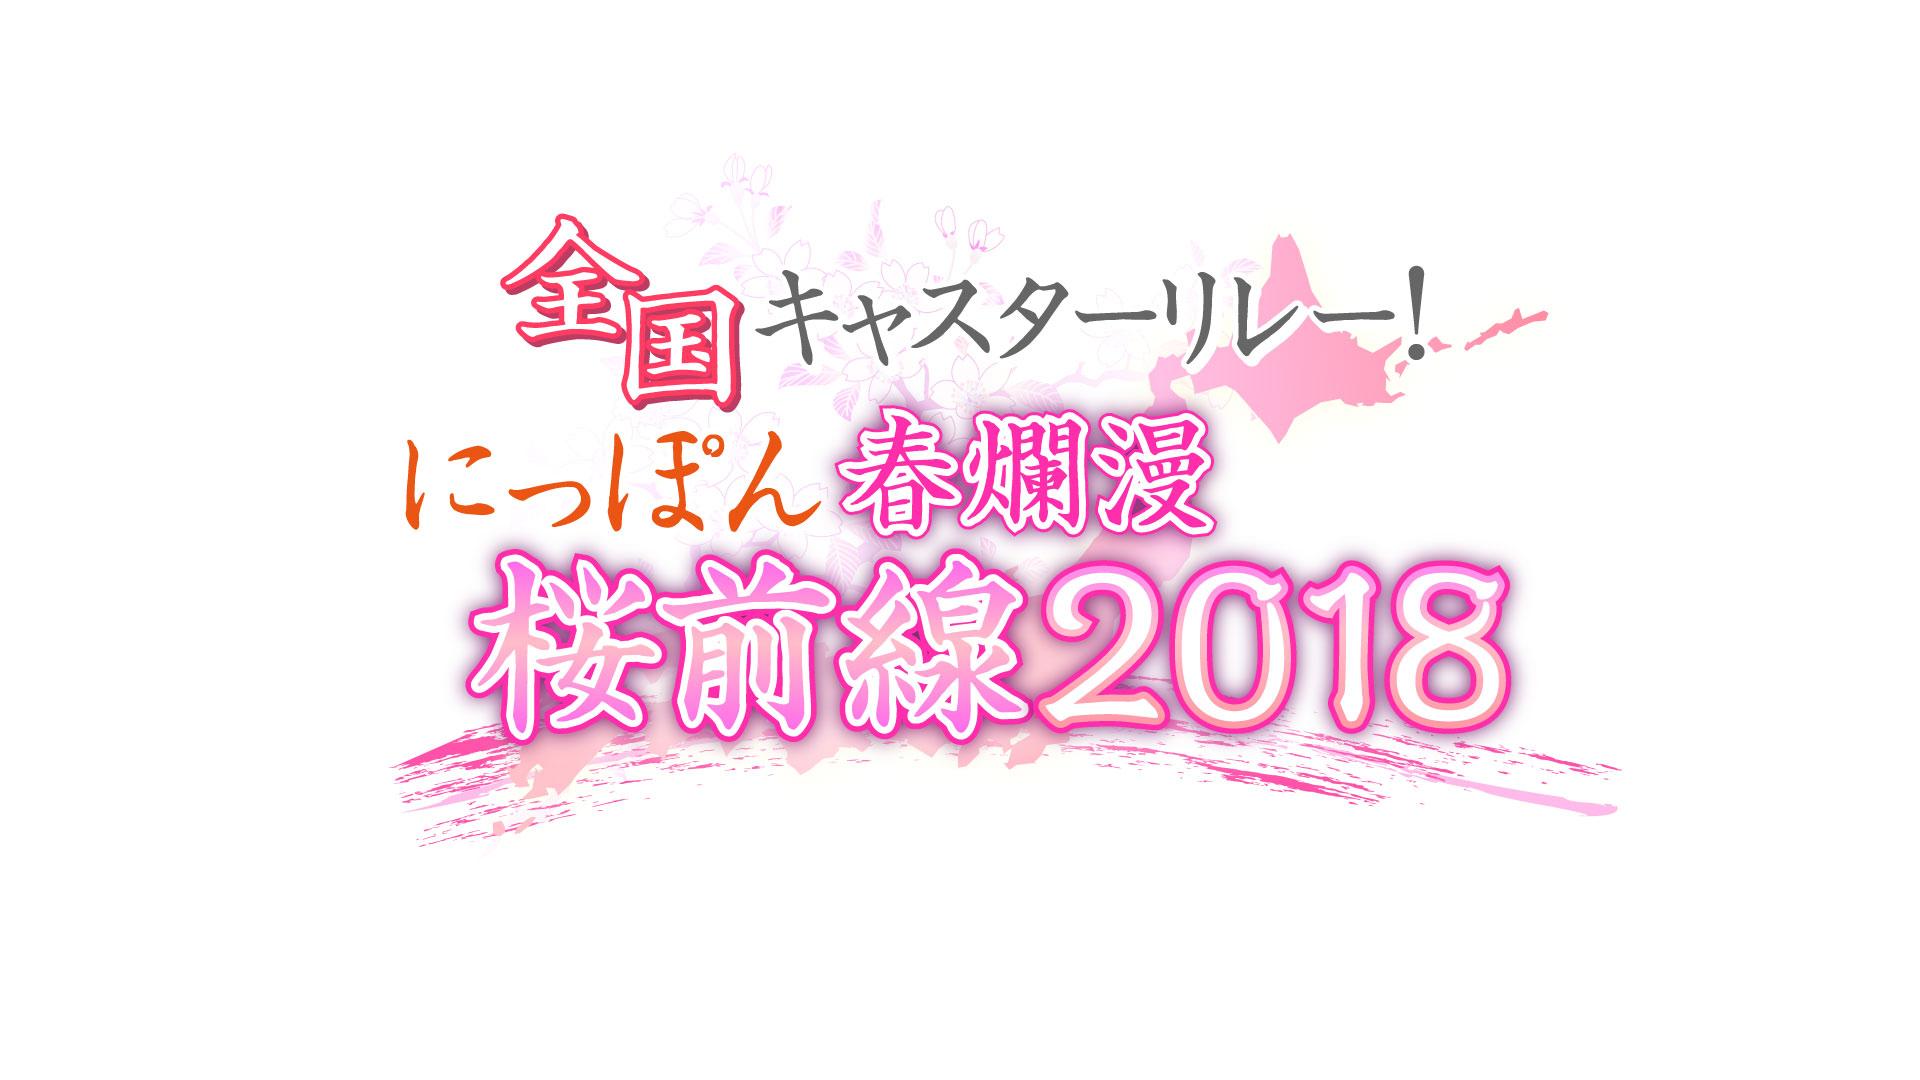 全国キャスターリレー! にっぽん春爛漫桜前線2018